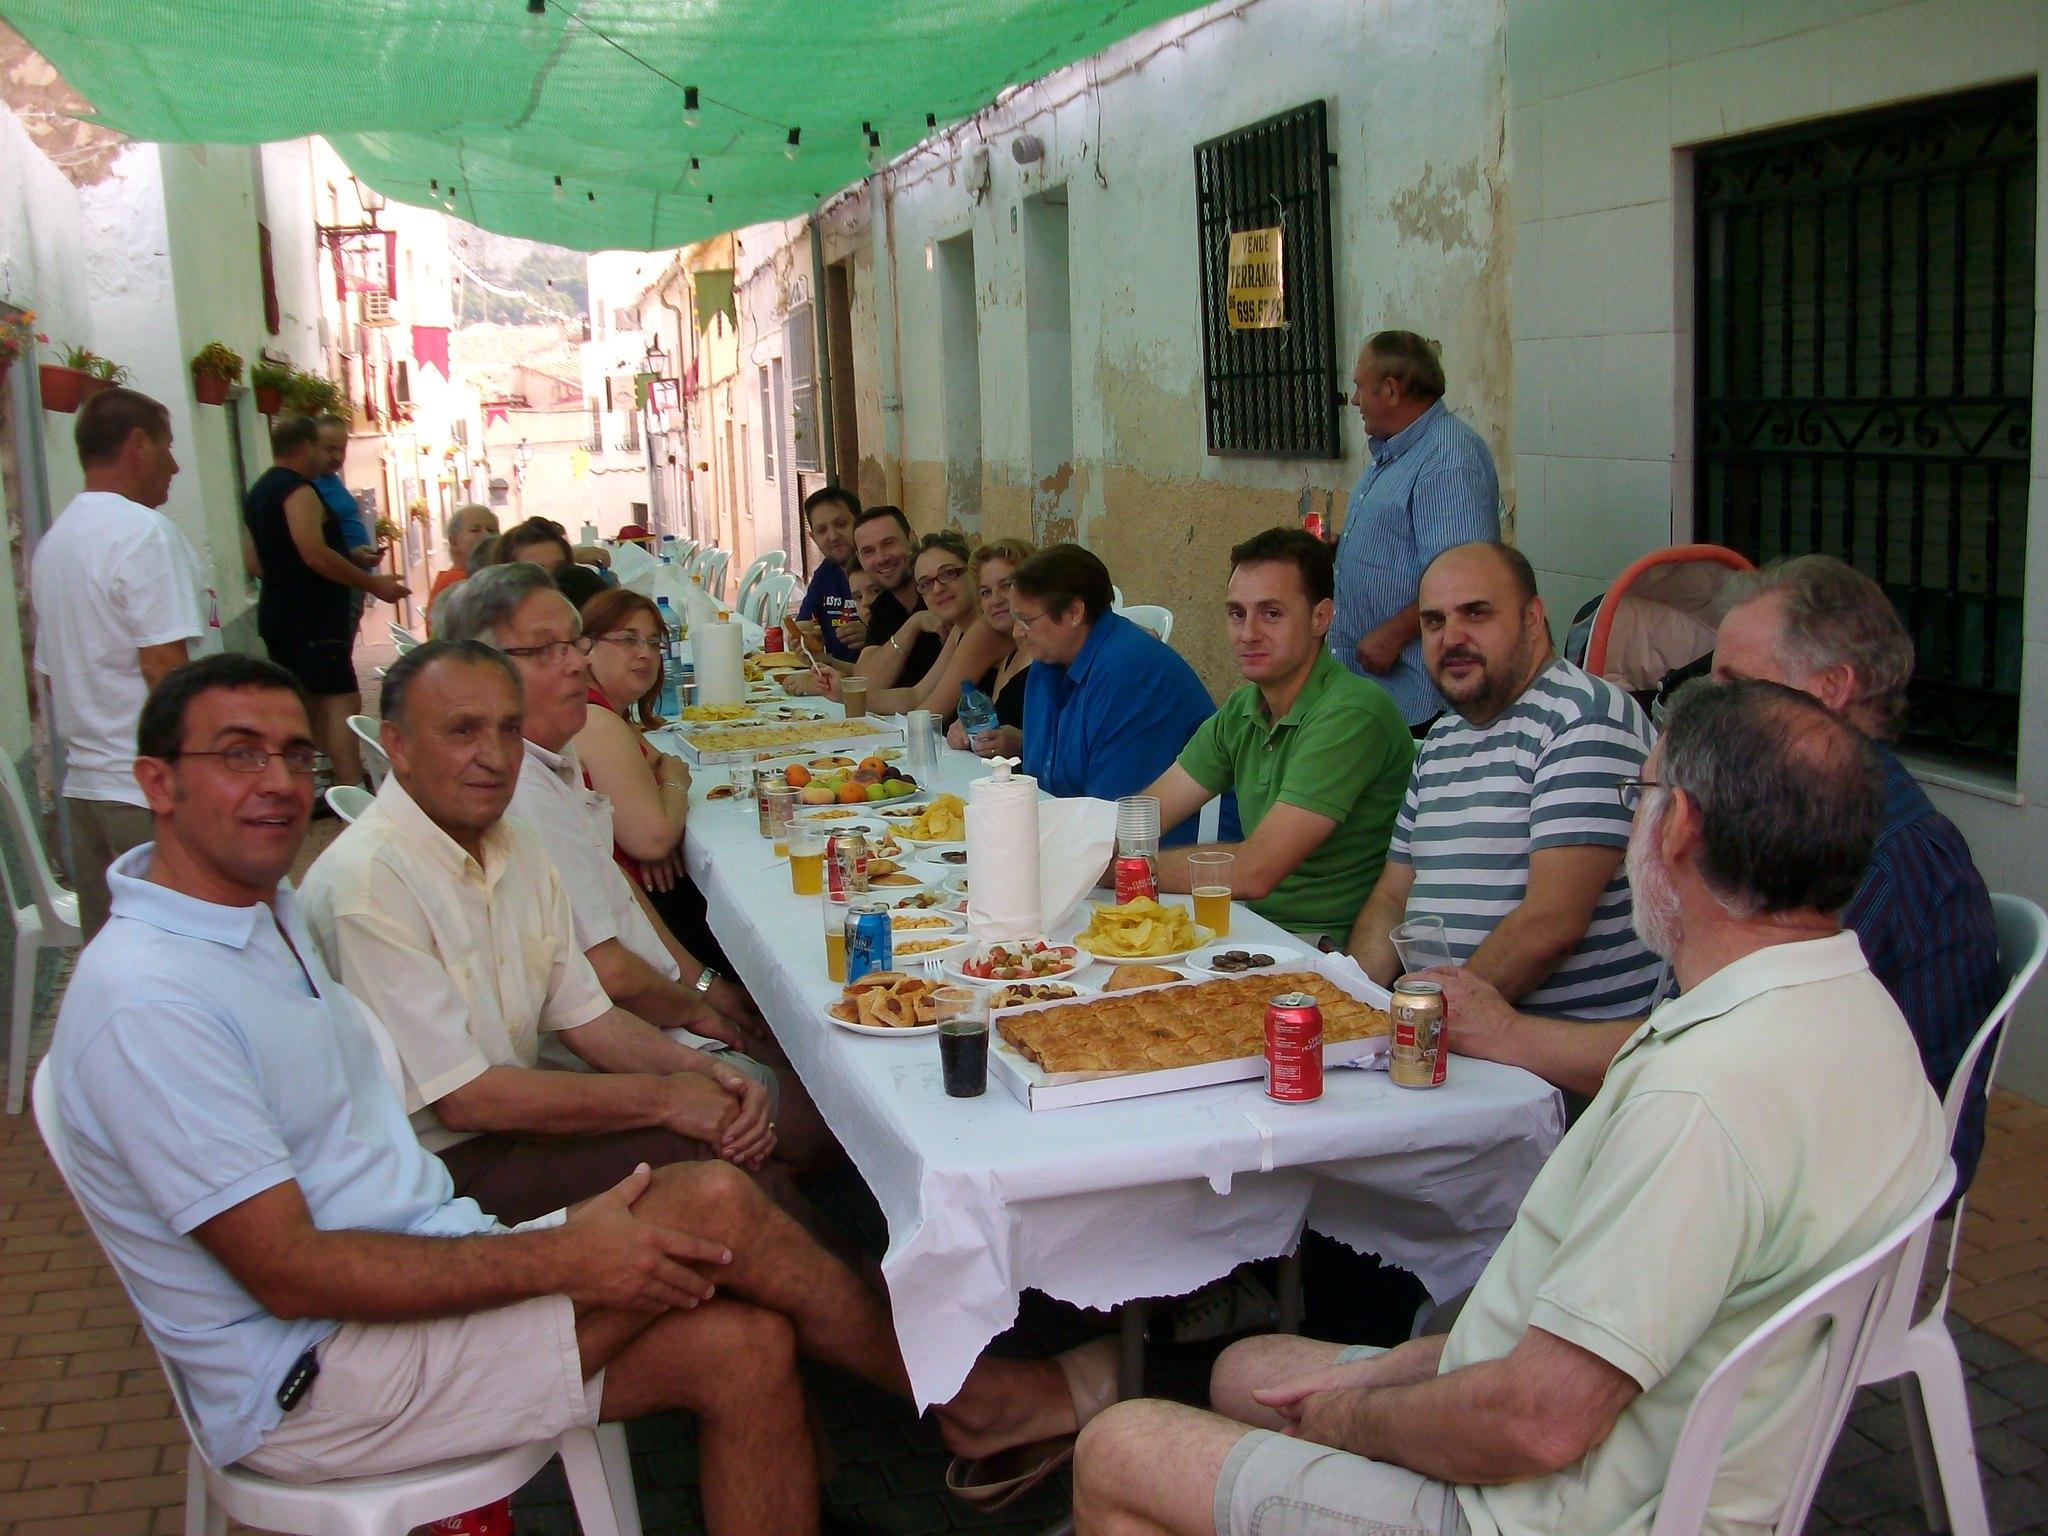 (2011-07-03) Almuerzo calle Cristo - José Vicente Romero Ripoll (02)